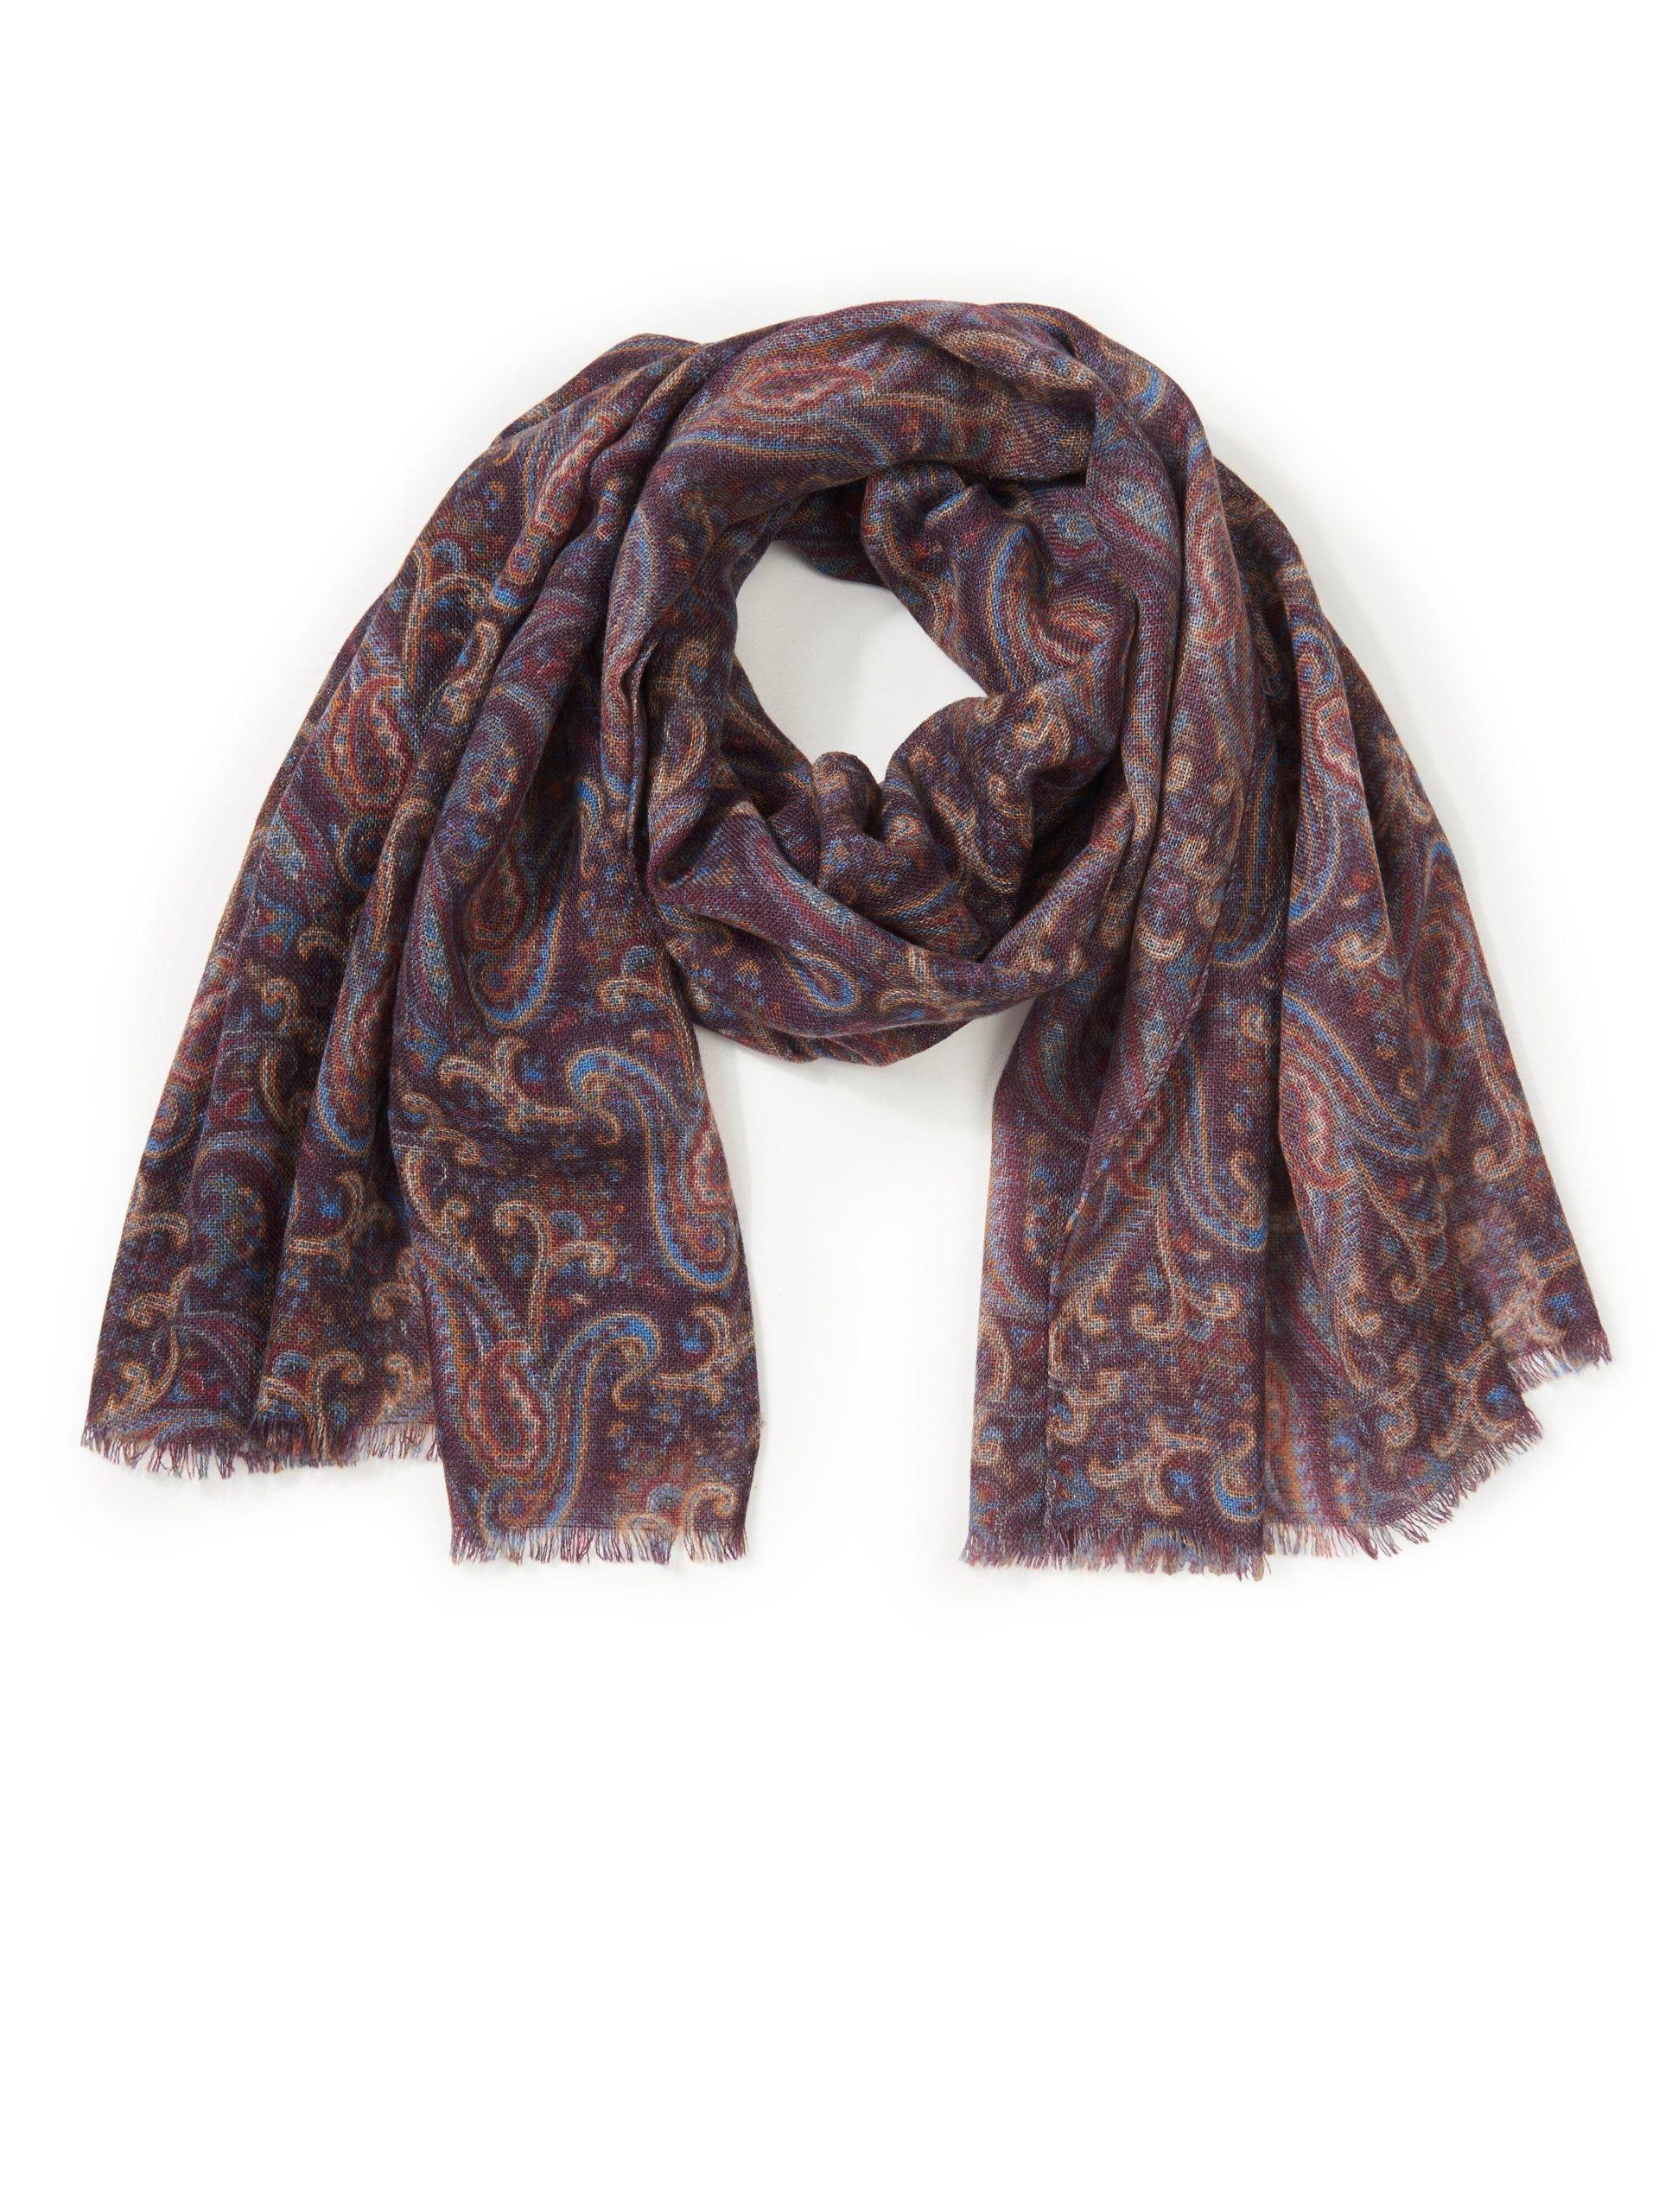 Sjaal van 100% scheerwol Van Emilia Lay multicolour Kopen